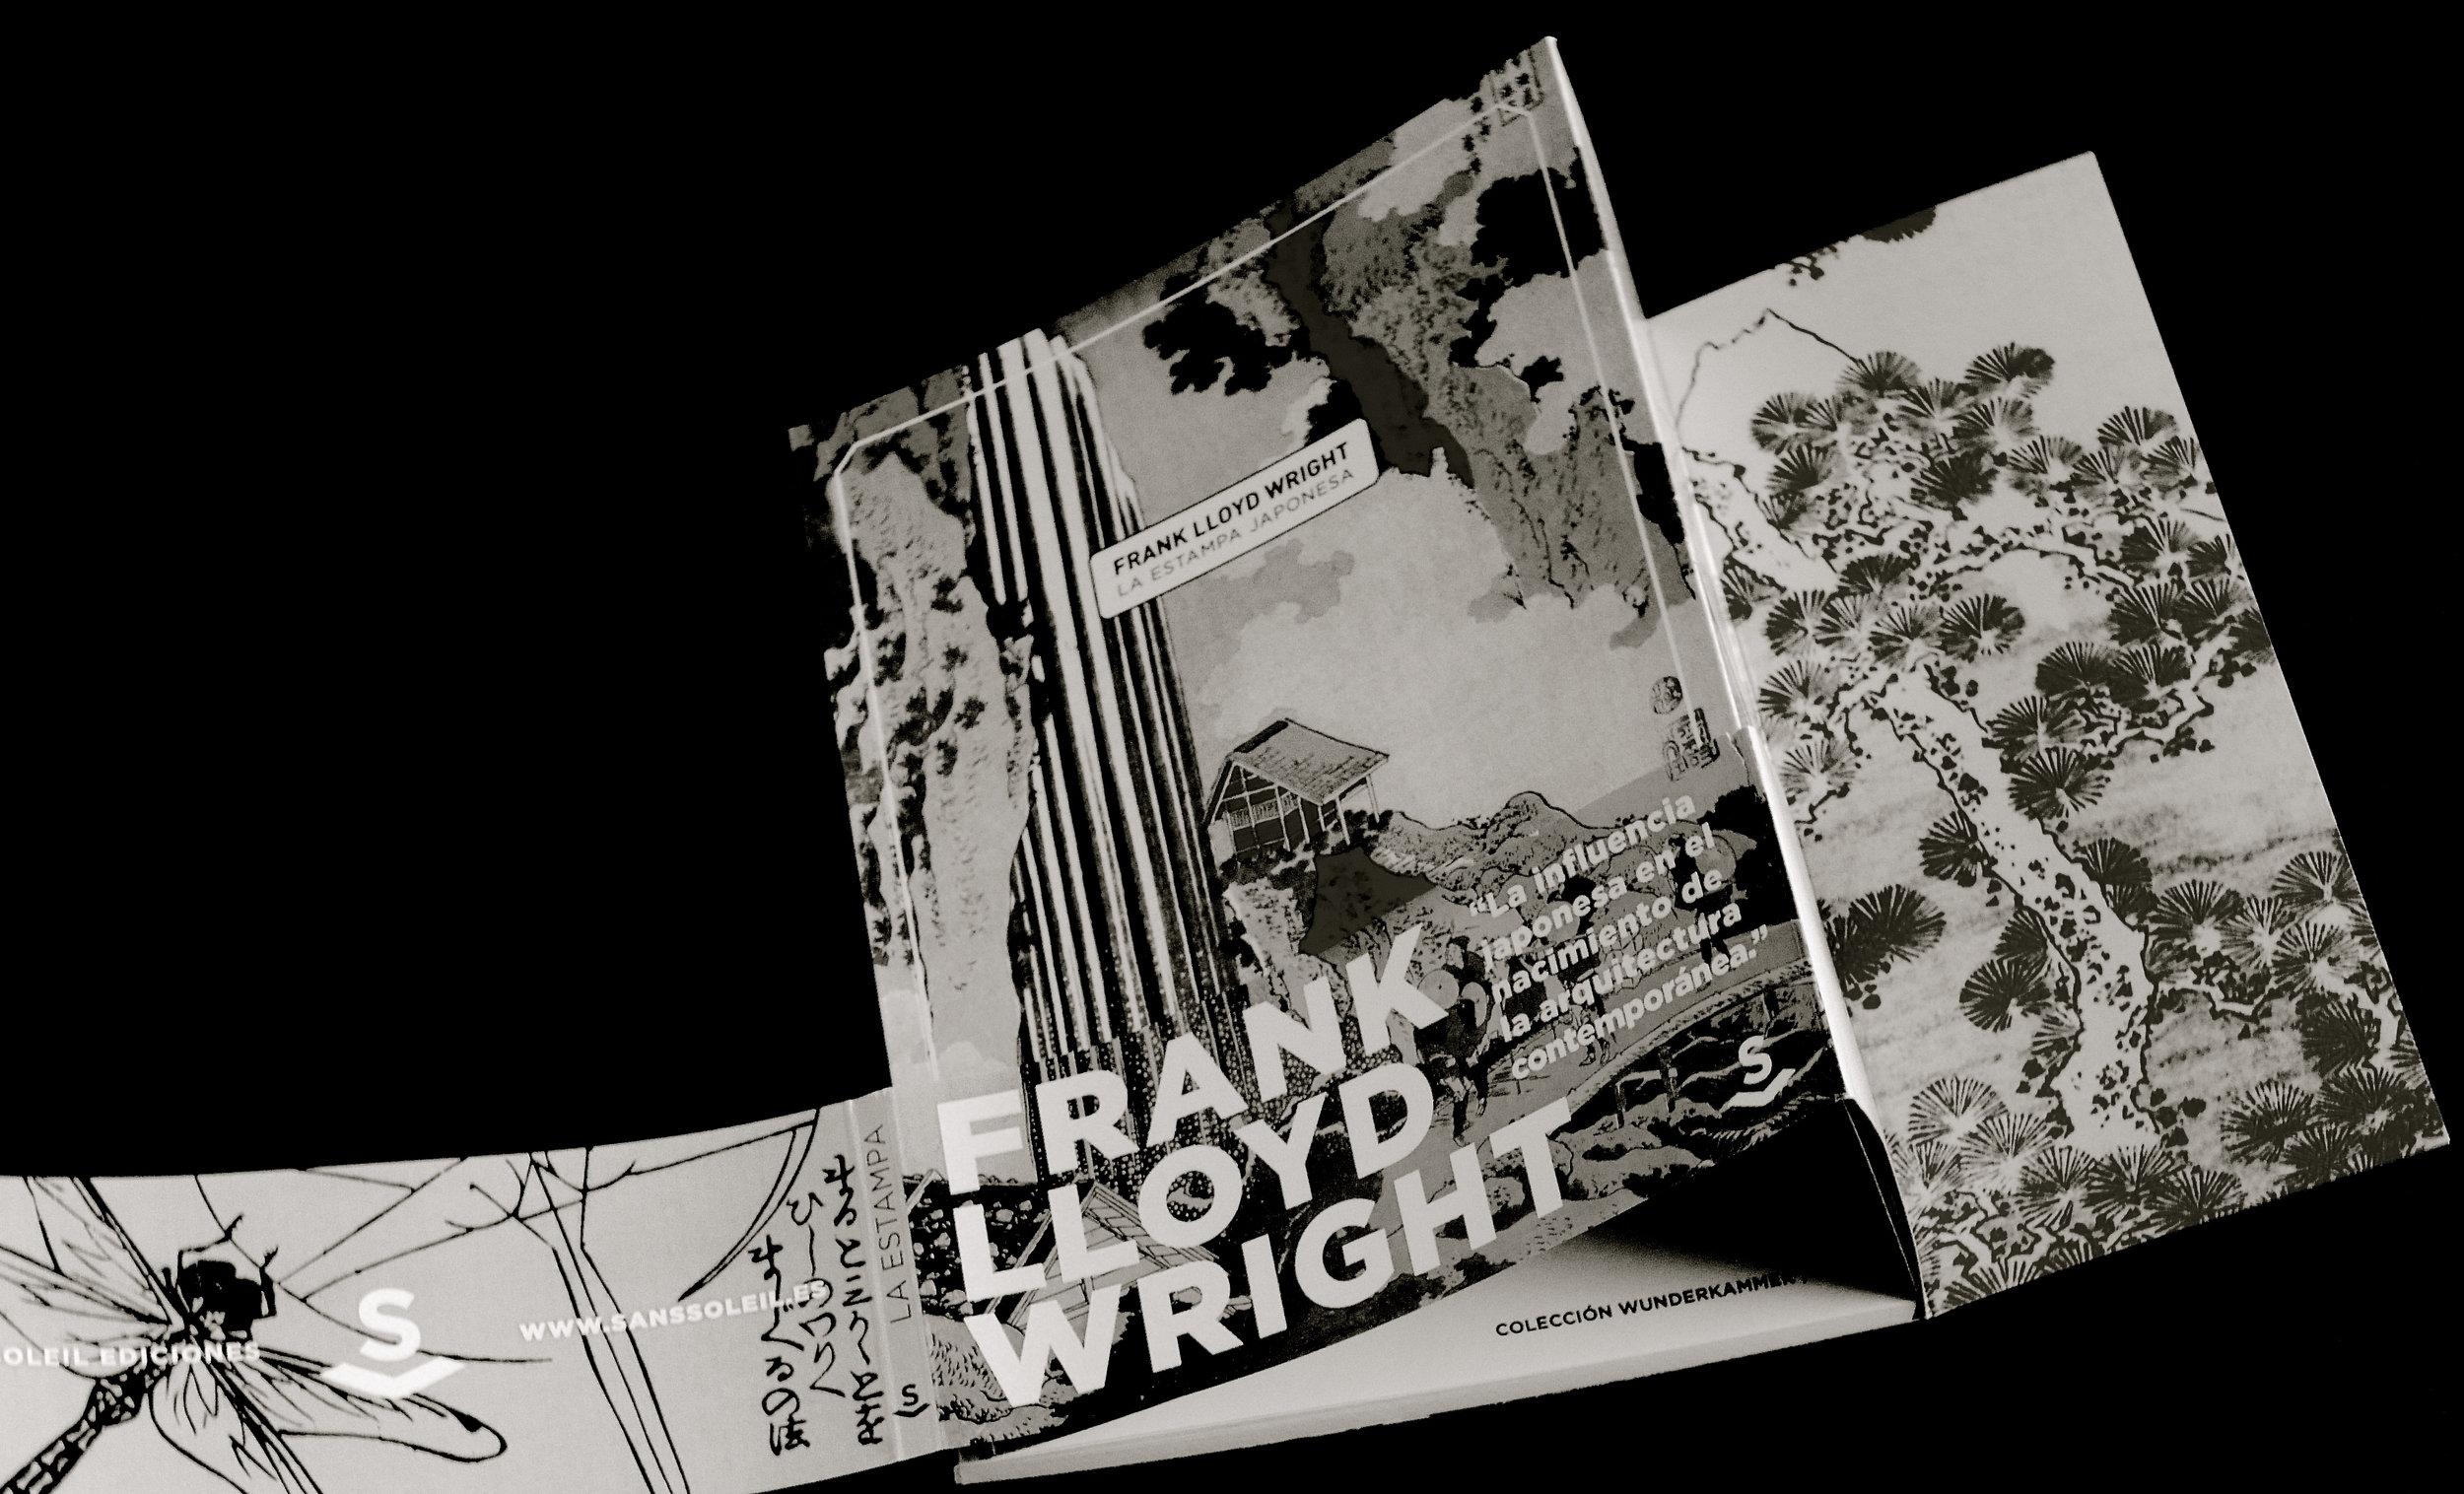 Frank Lloyd Wright Sanssoleil bn